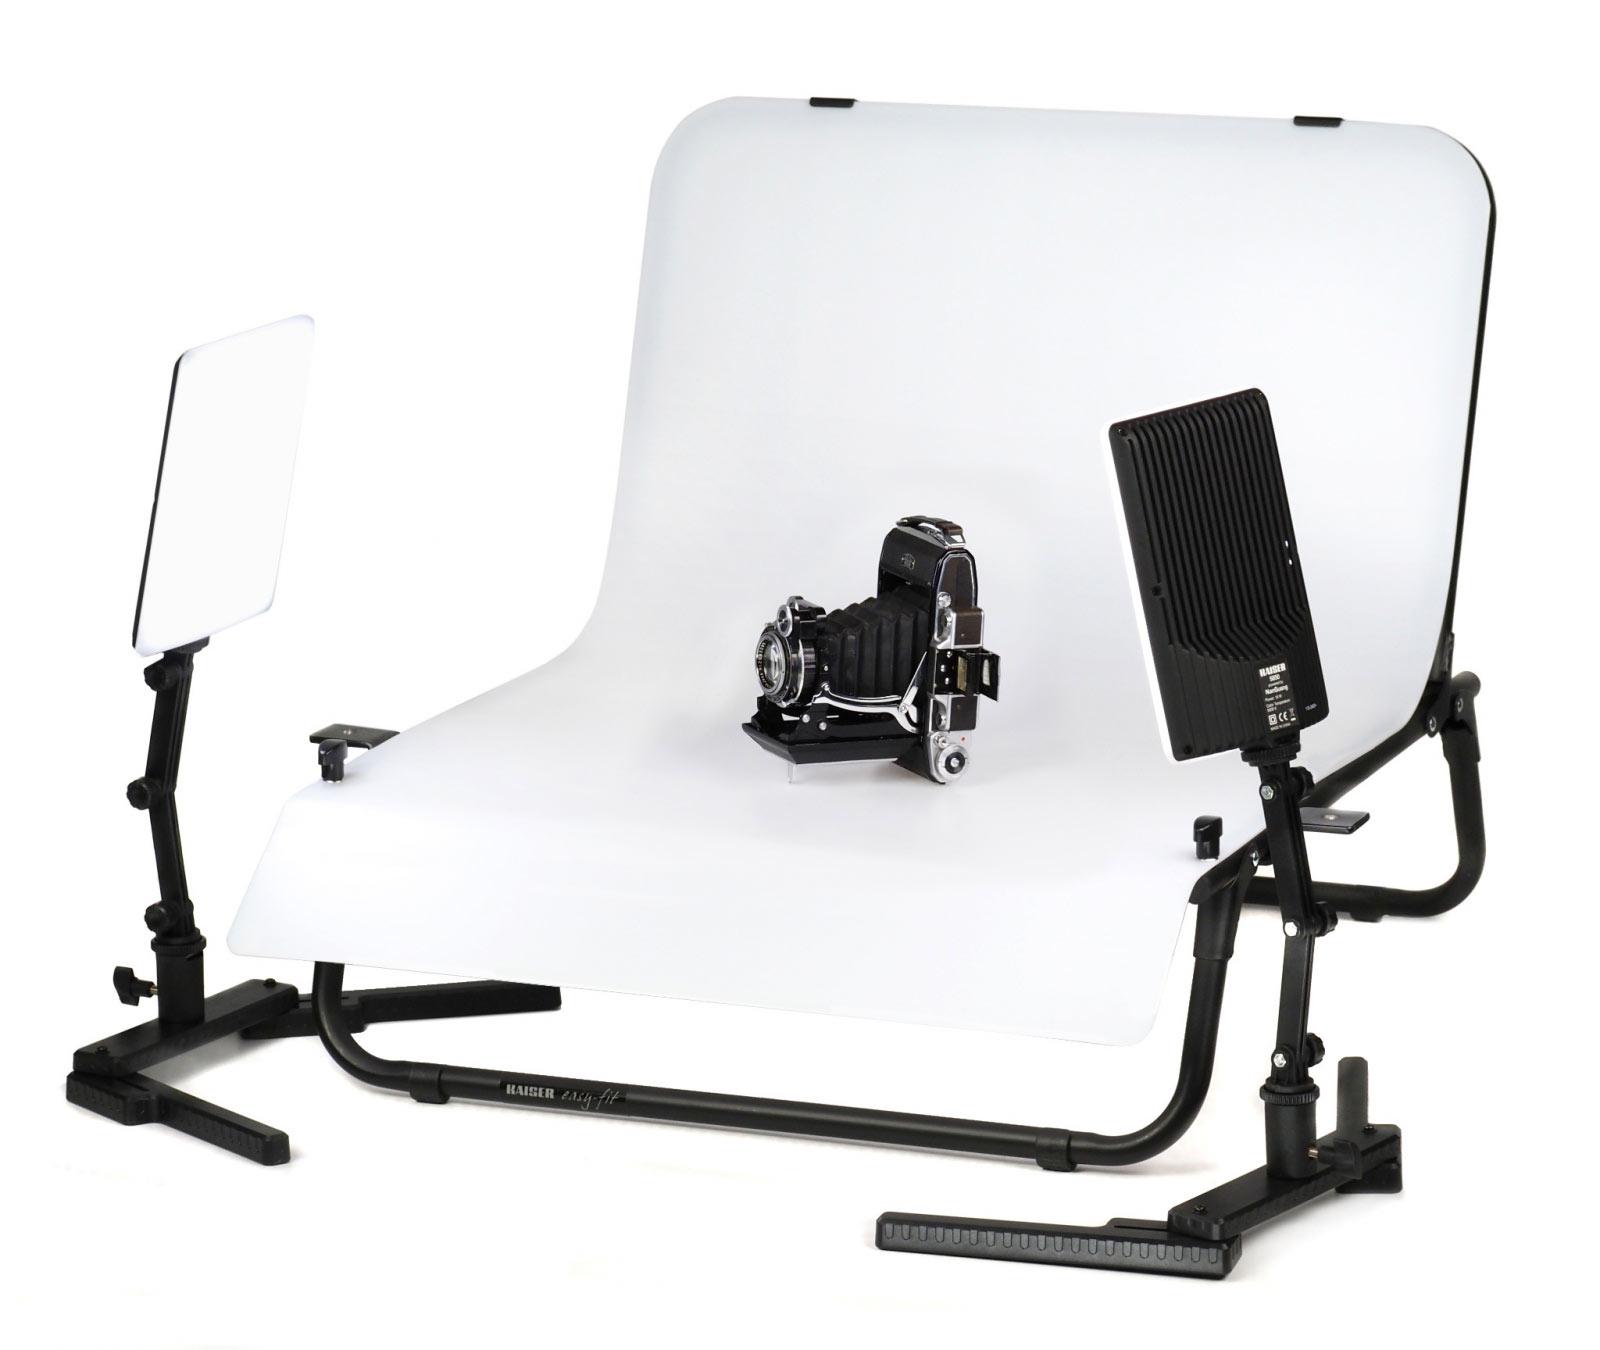 KAISER Aufnahmeset easy-fit LED, Aufnahmetisch mit LED Tageslicht-Beleuchtungseinrichtung